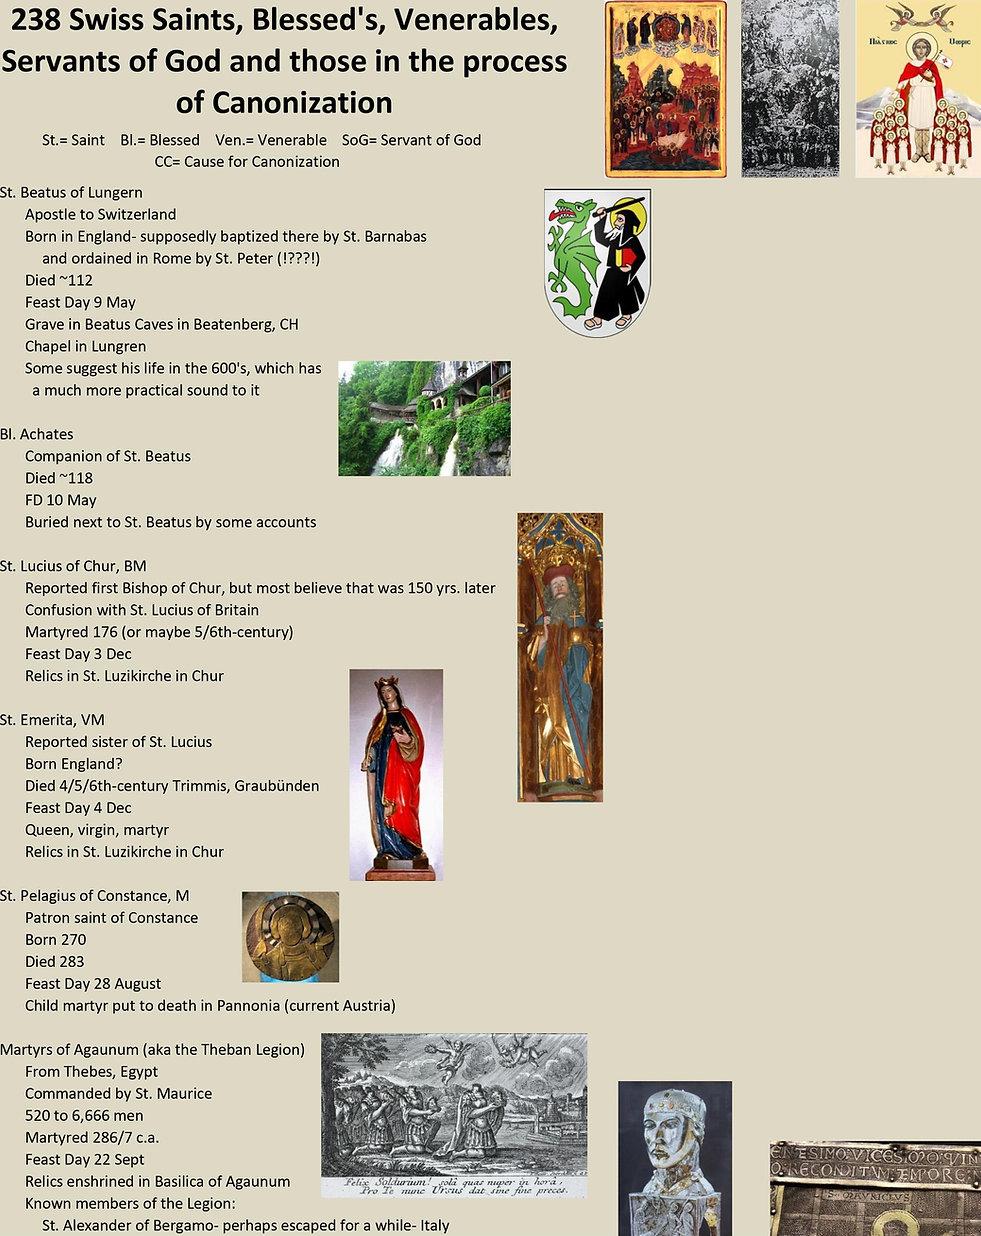 Liste de tous les saints suisses 1 sur 31